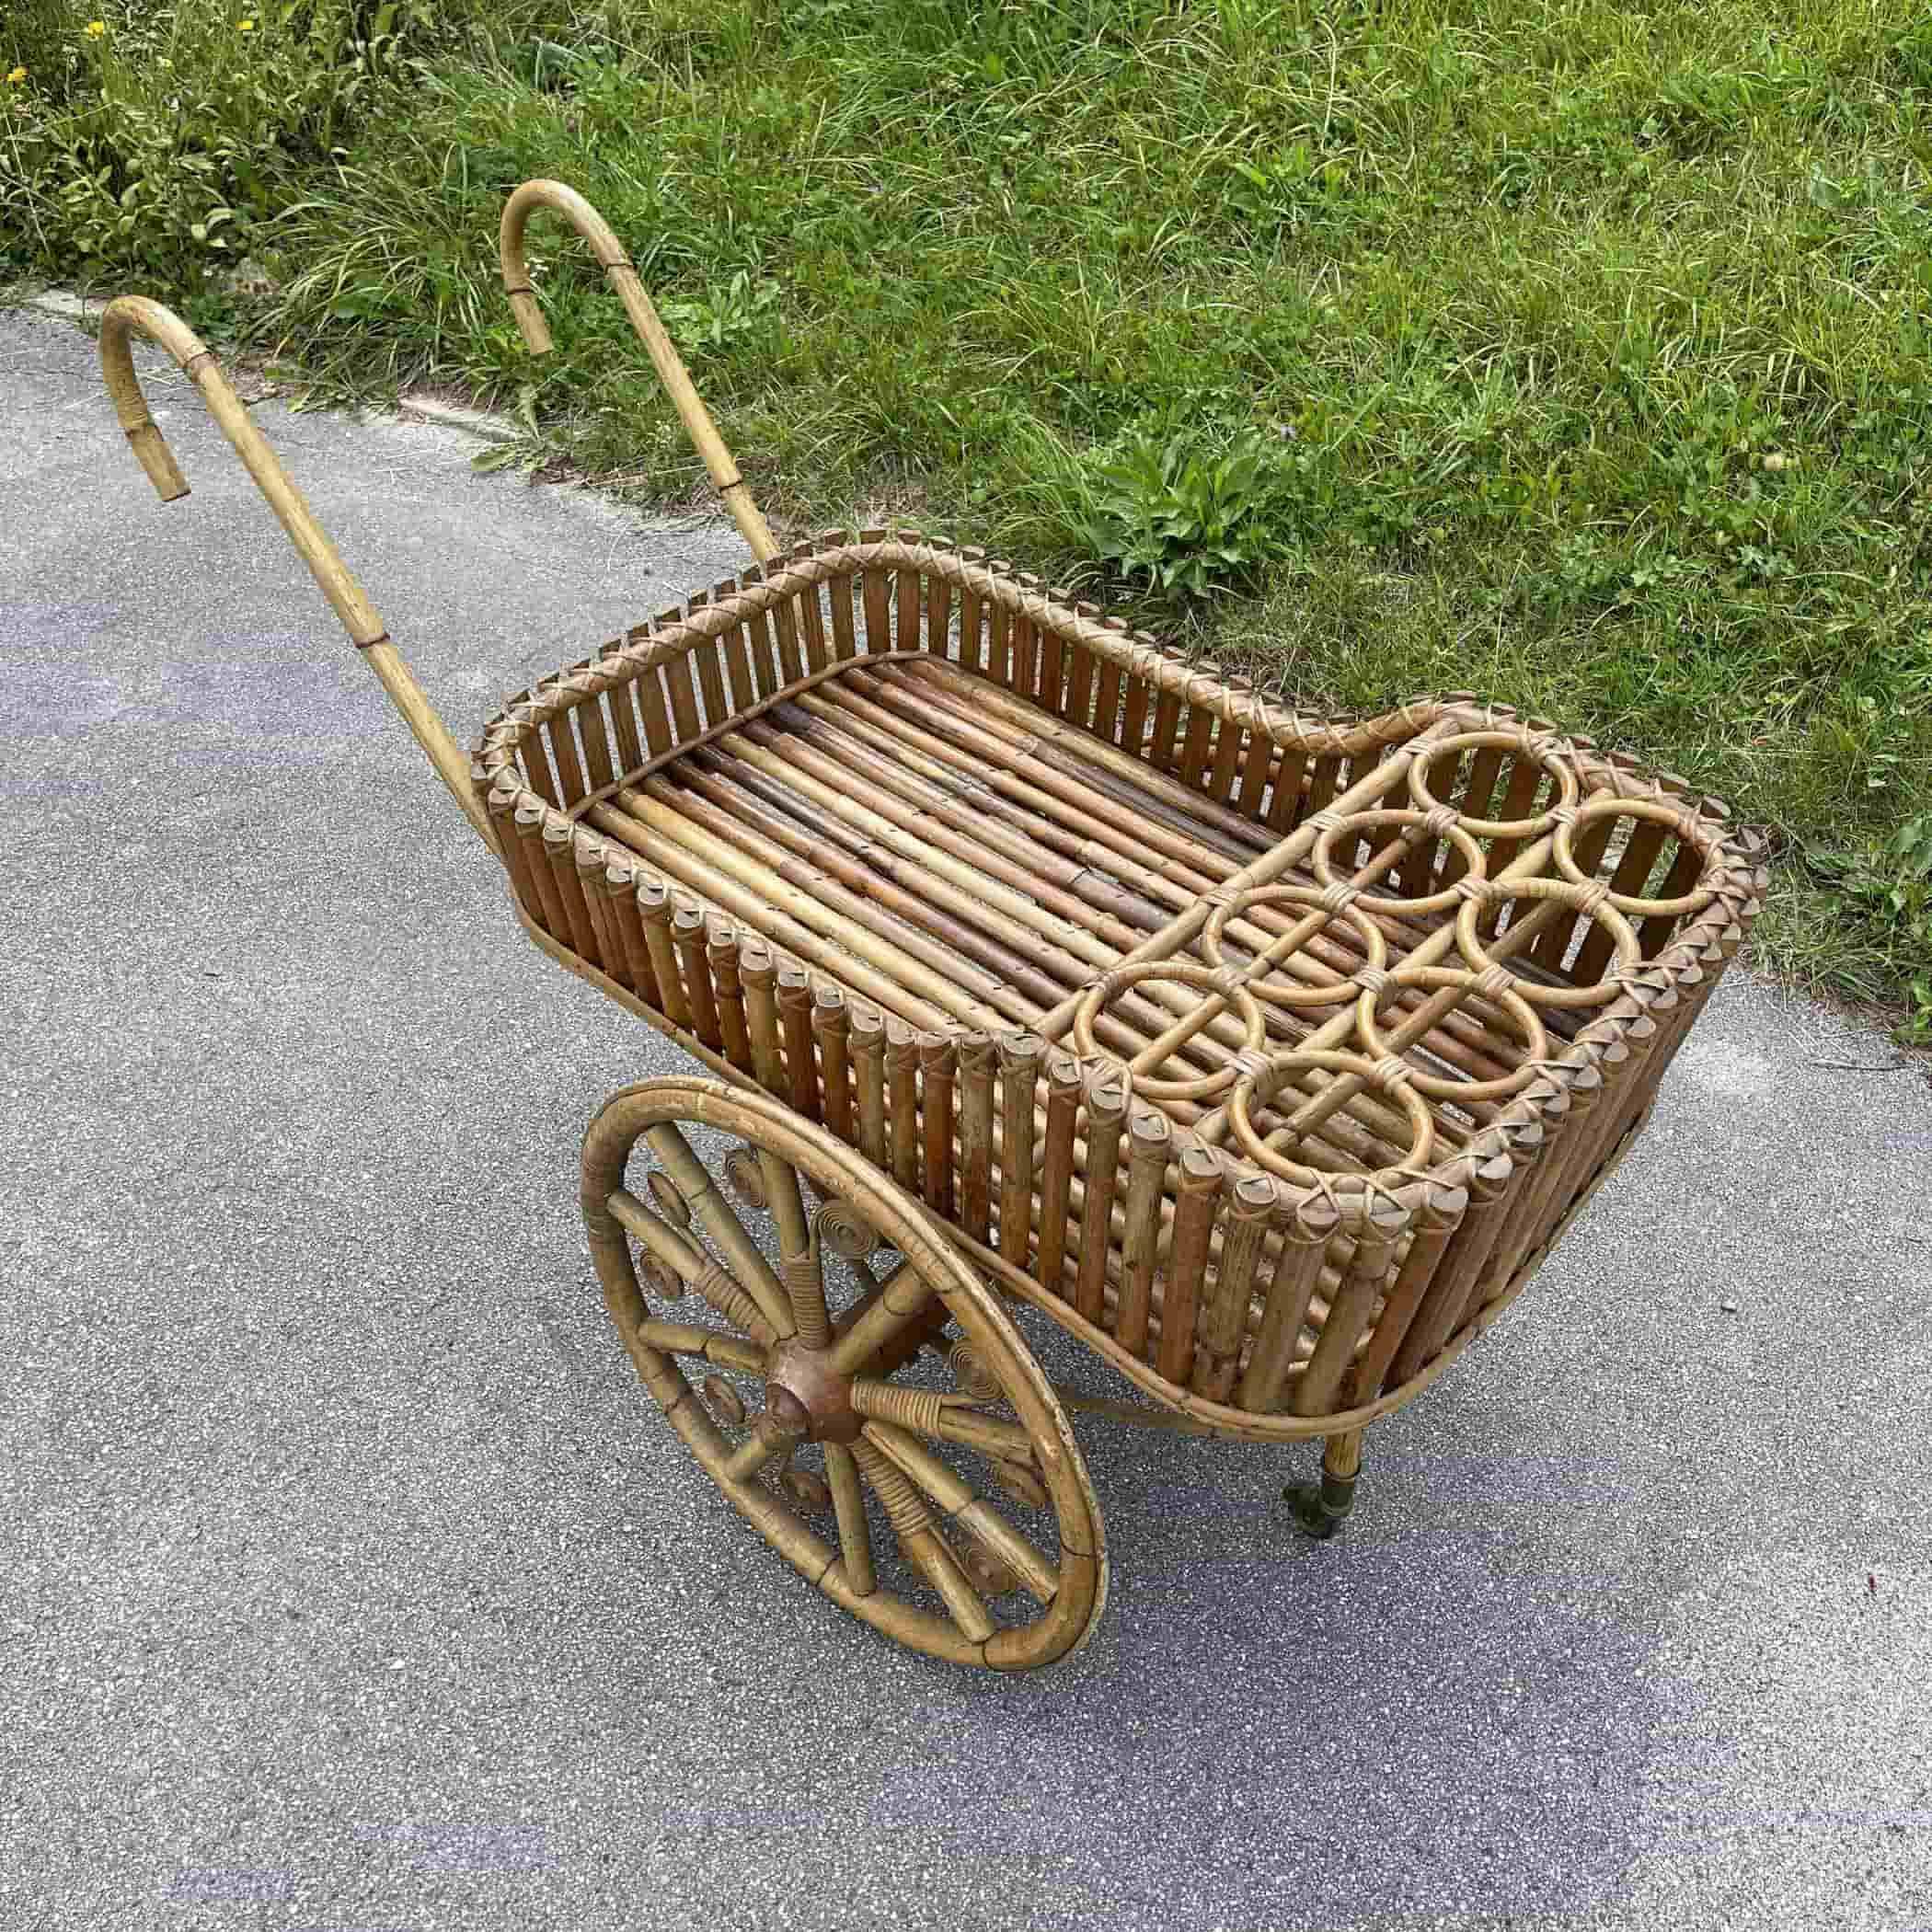 Servirni vozicek bamboo Italy 1970s